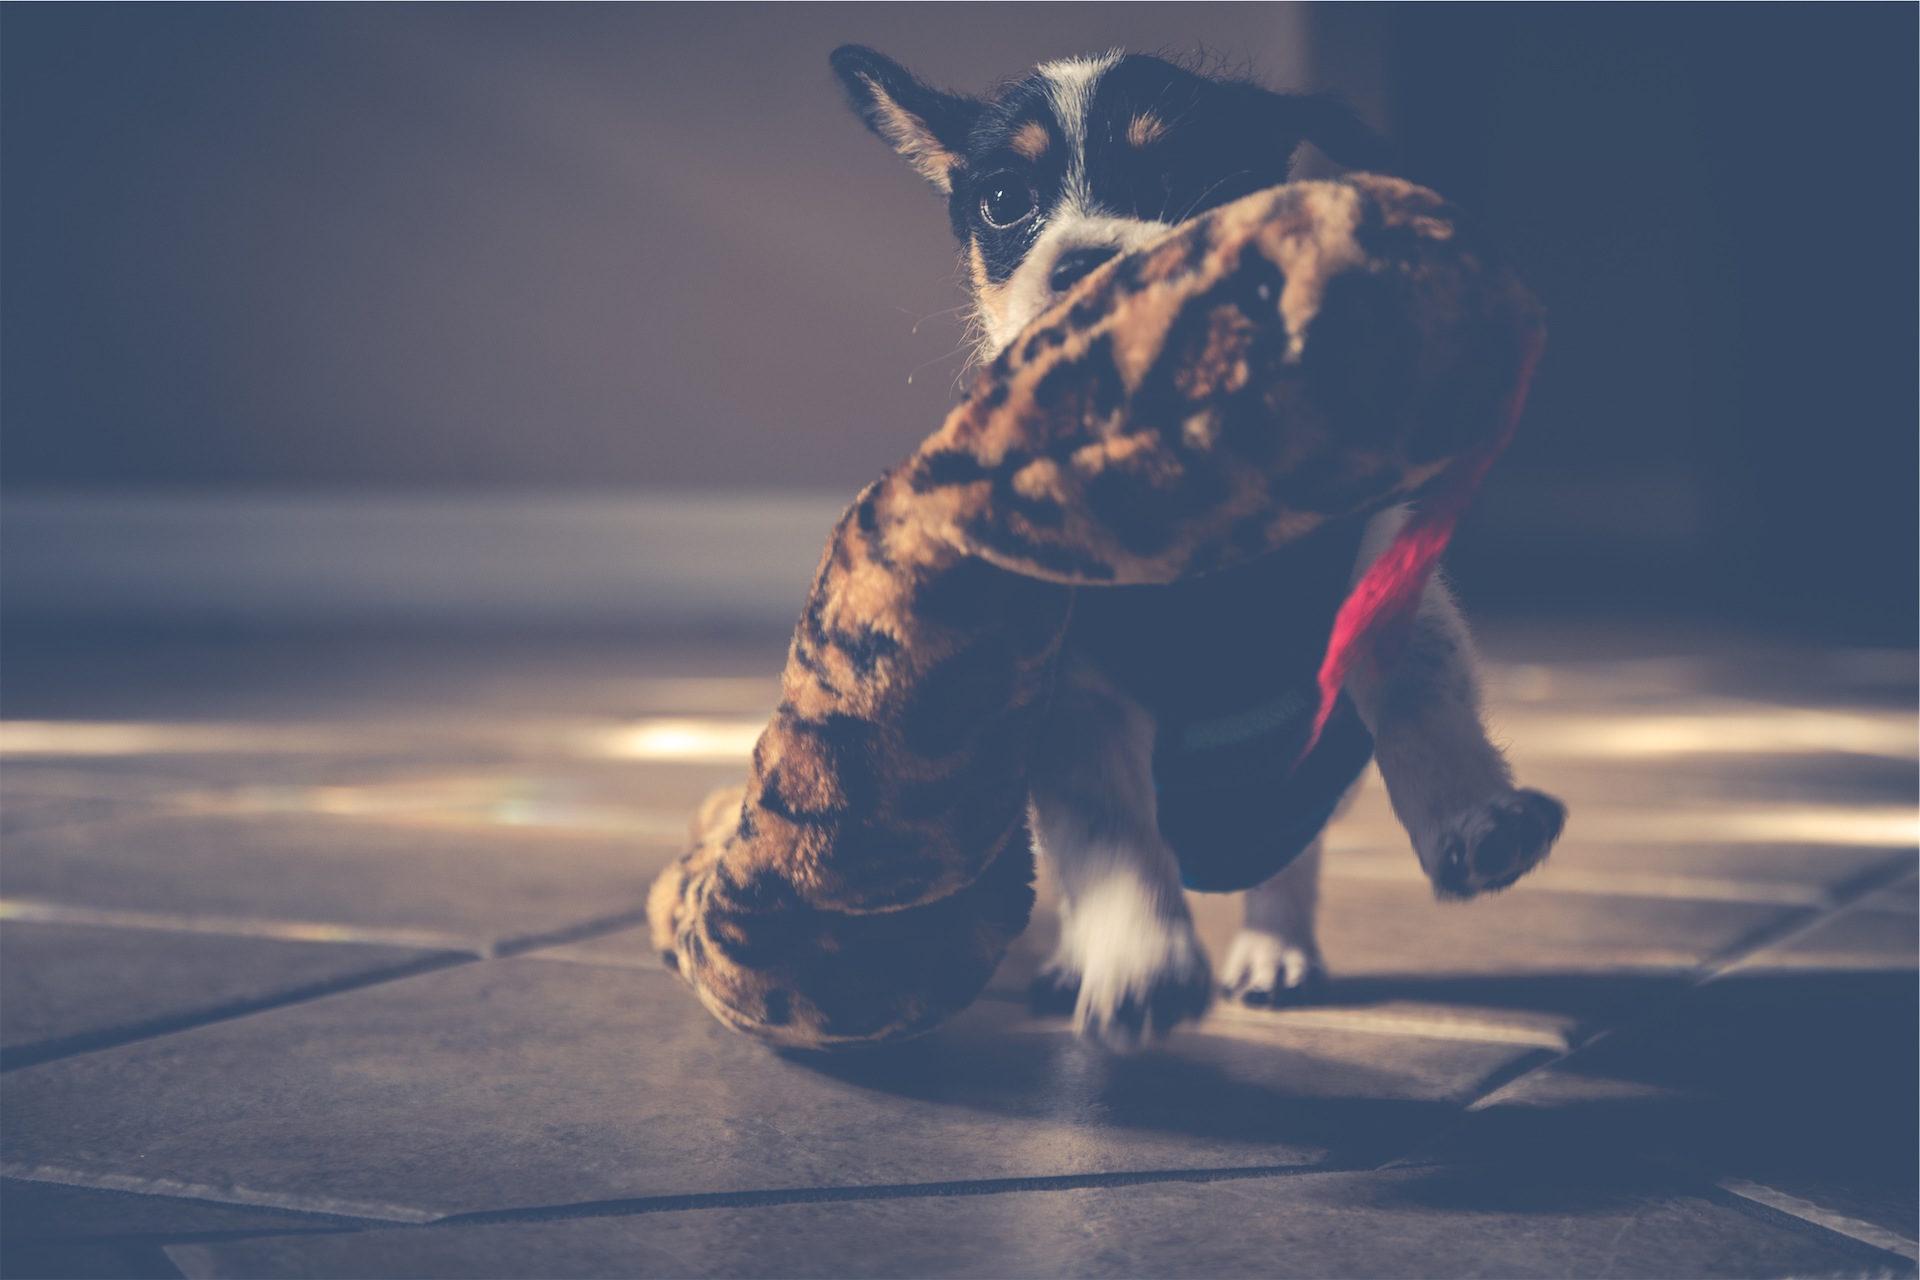 cão, Filhote de cachorro, Teddy, Mônada, jogo - Papéis de parede HD - Professor-falken.com